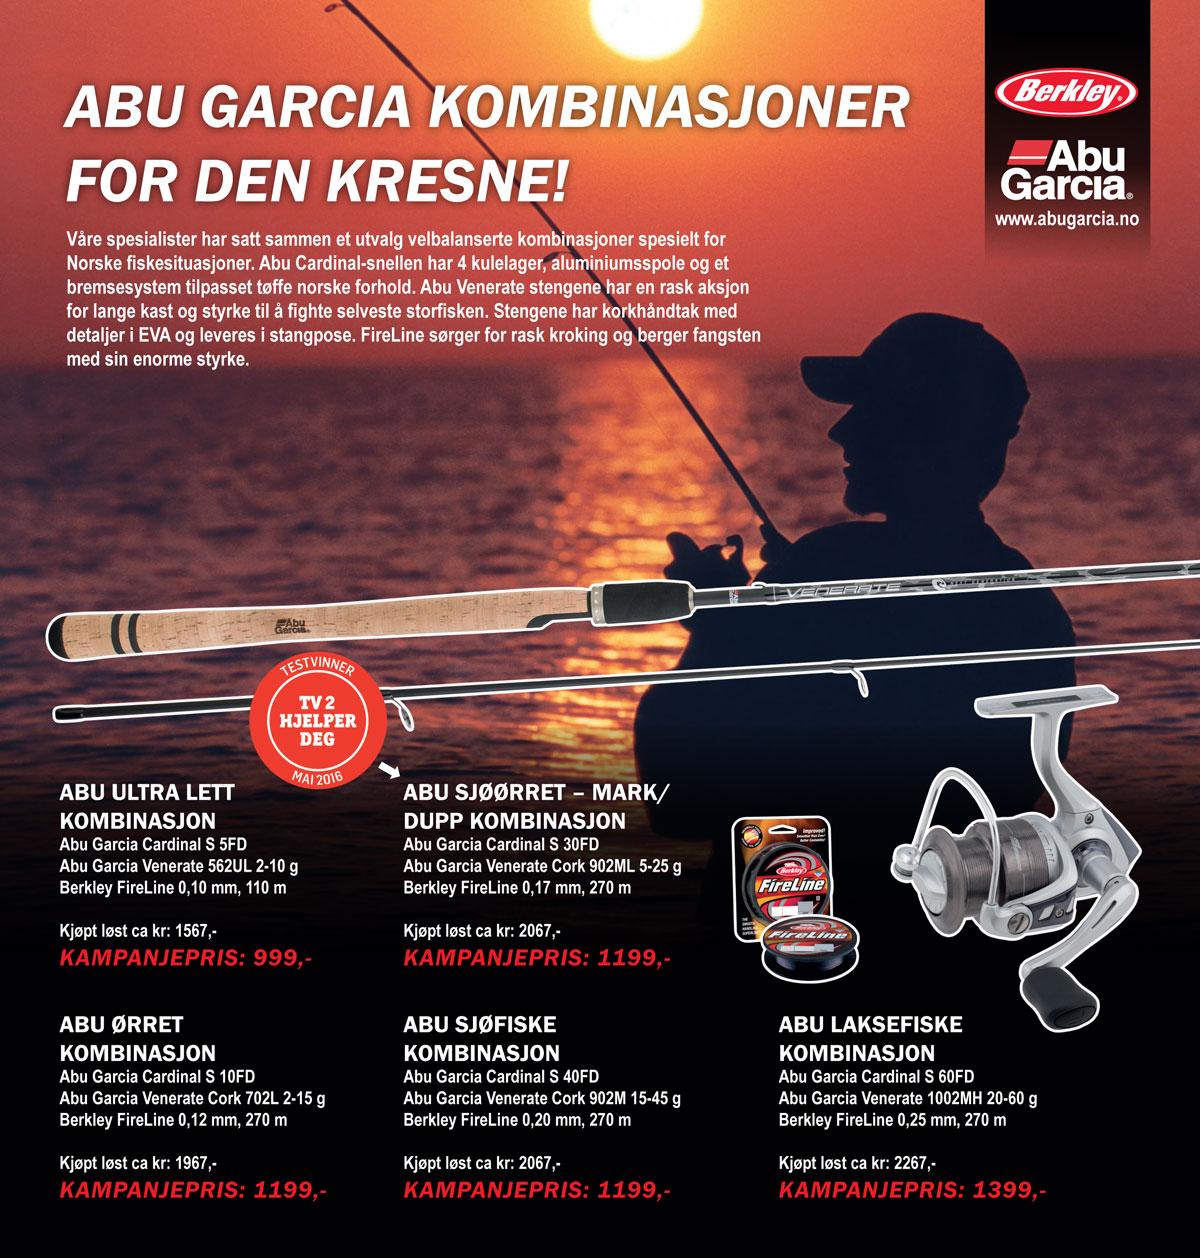 """1321159 Abu komplett combo for ørret og innlandsfiske """"best i test"""" Juletilbud 1199,-"""